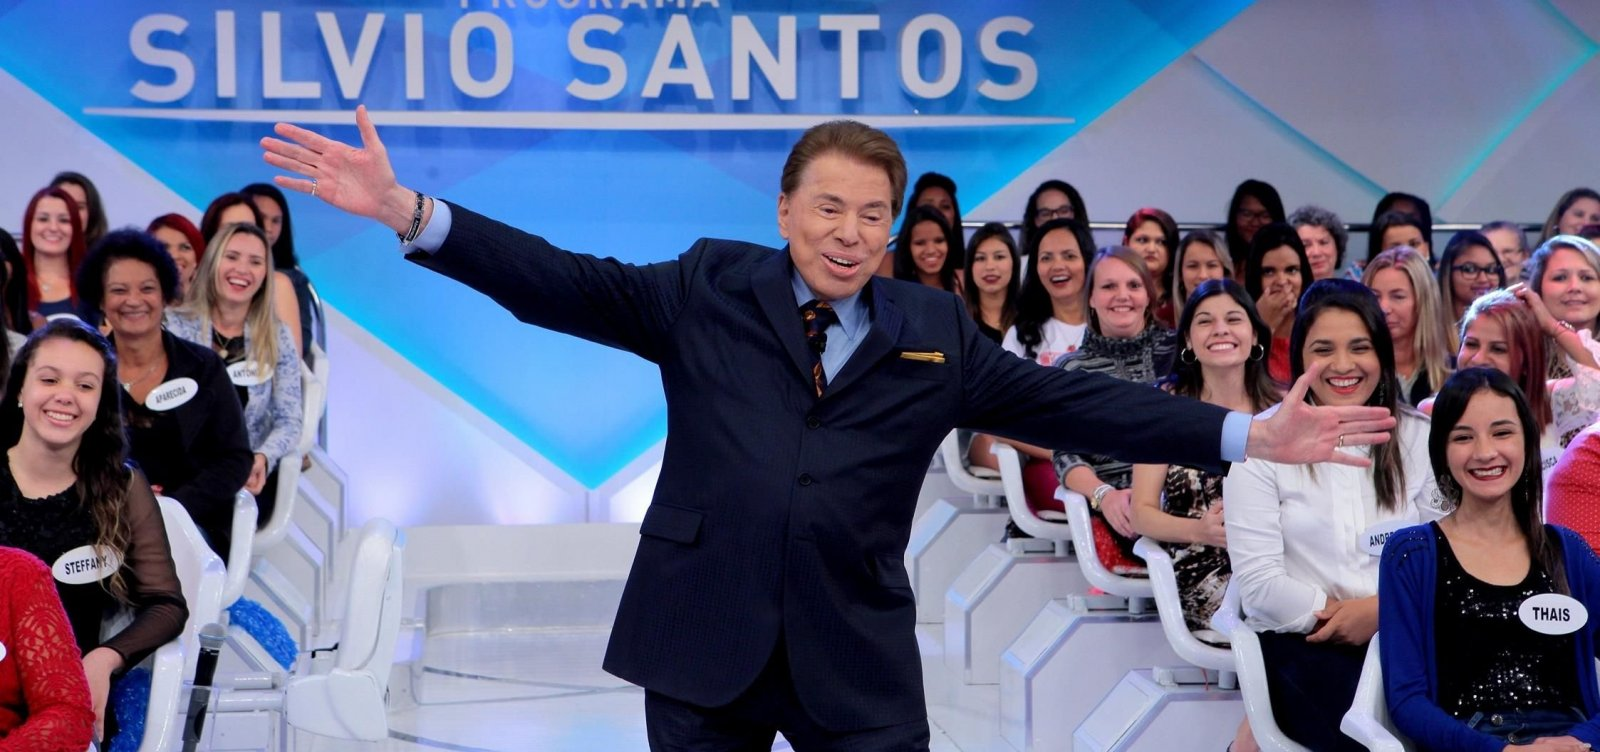 'Brasil: ame-o ou deixe-o' foi um equívoco, admite SBT